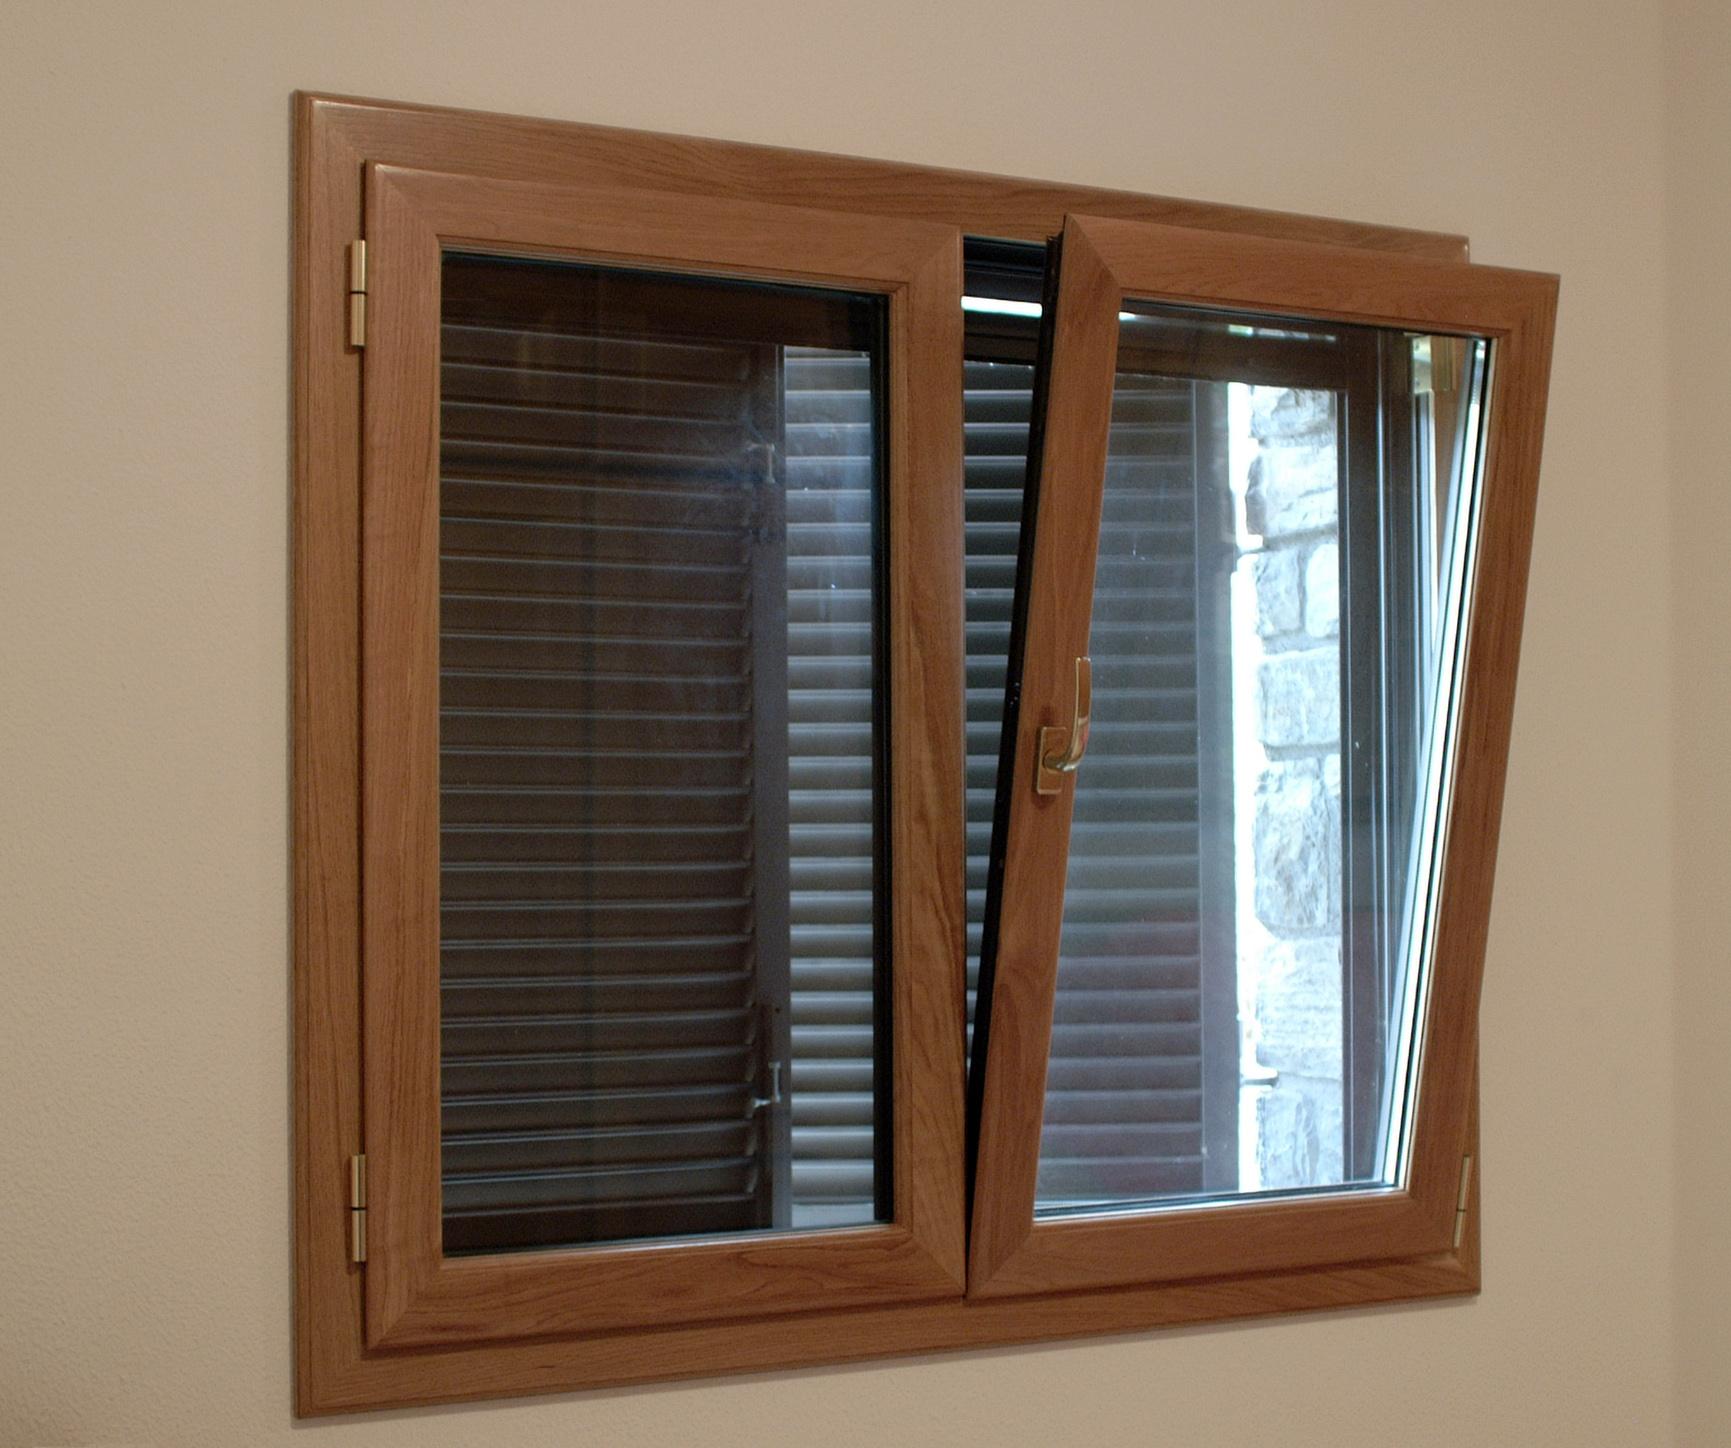 Ventanas de aluminio sabadell combinar aluminio y madera for Colores de aluminio para ventanas